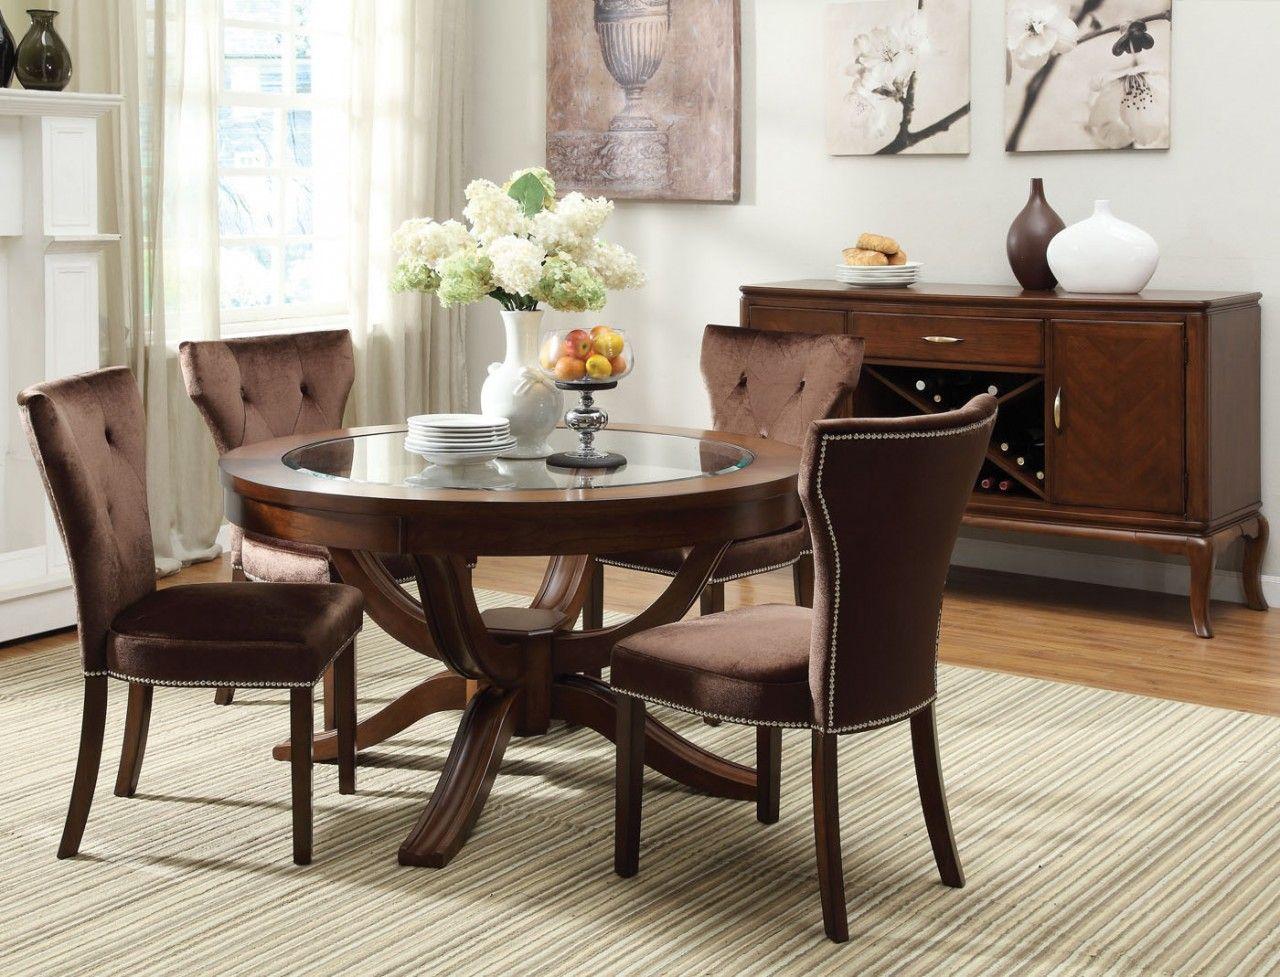 Coole Runde Tisch für ein Genial Kleines Esszimmer - Kinderbett ...